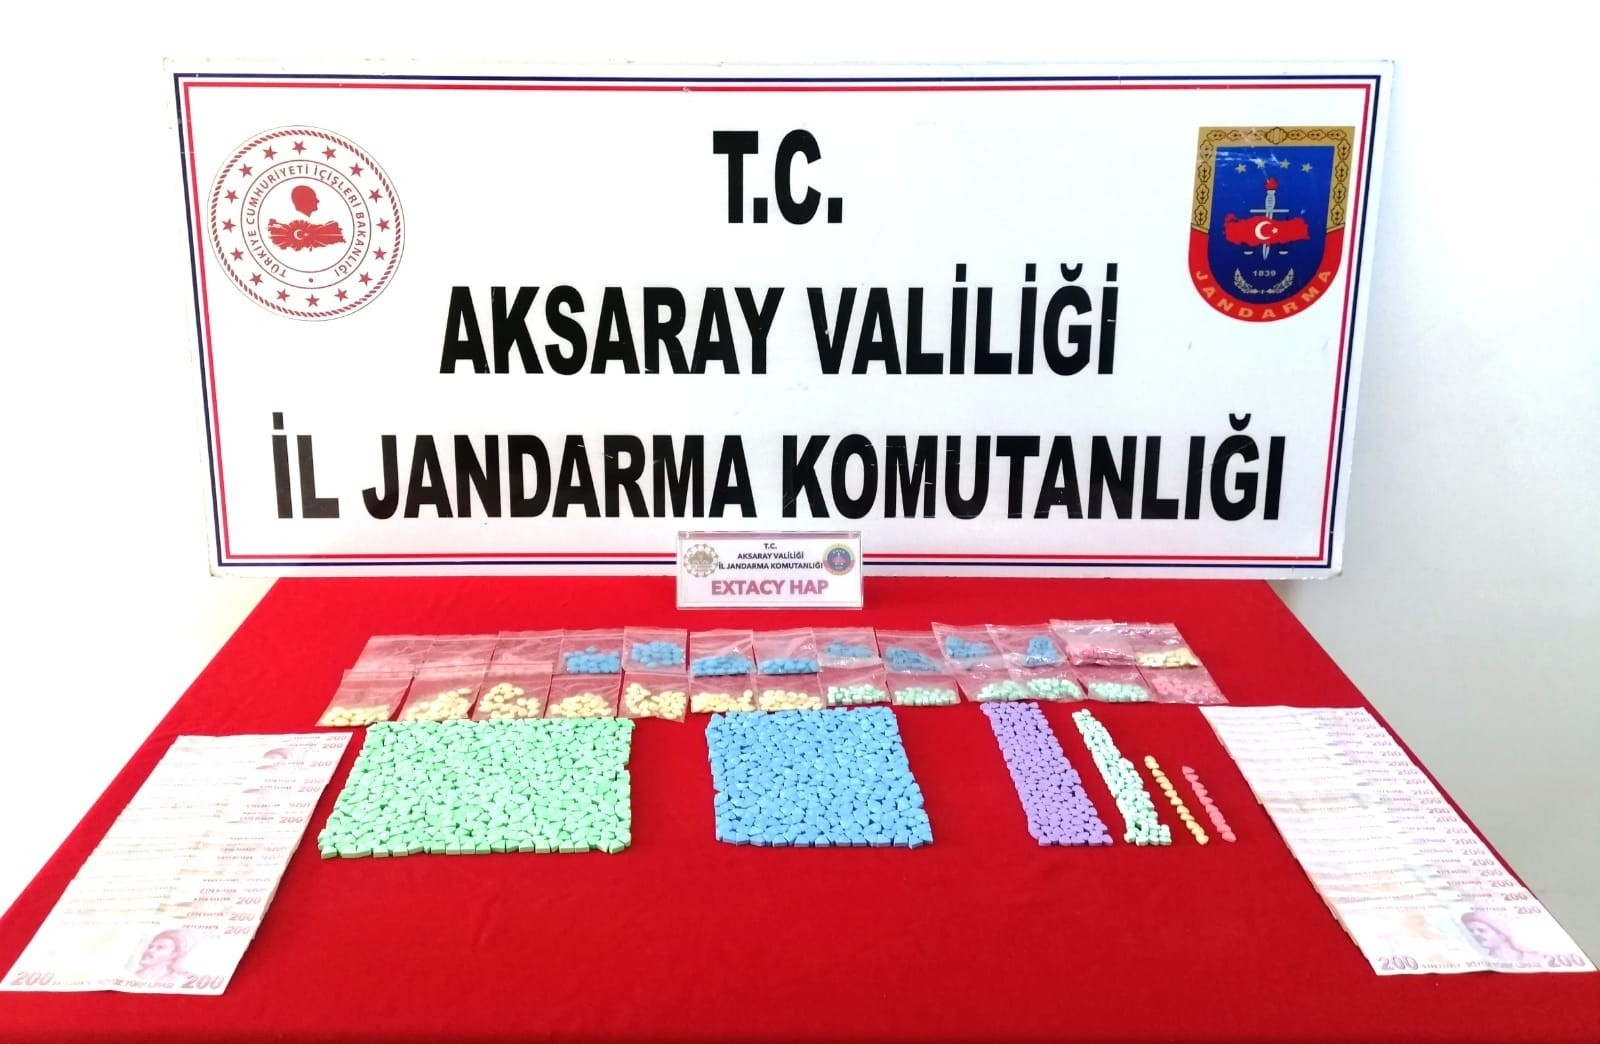 Aksaray'da jandarmadan terminalde uyuşturucu operasyonu